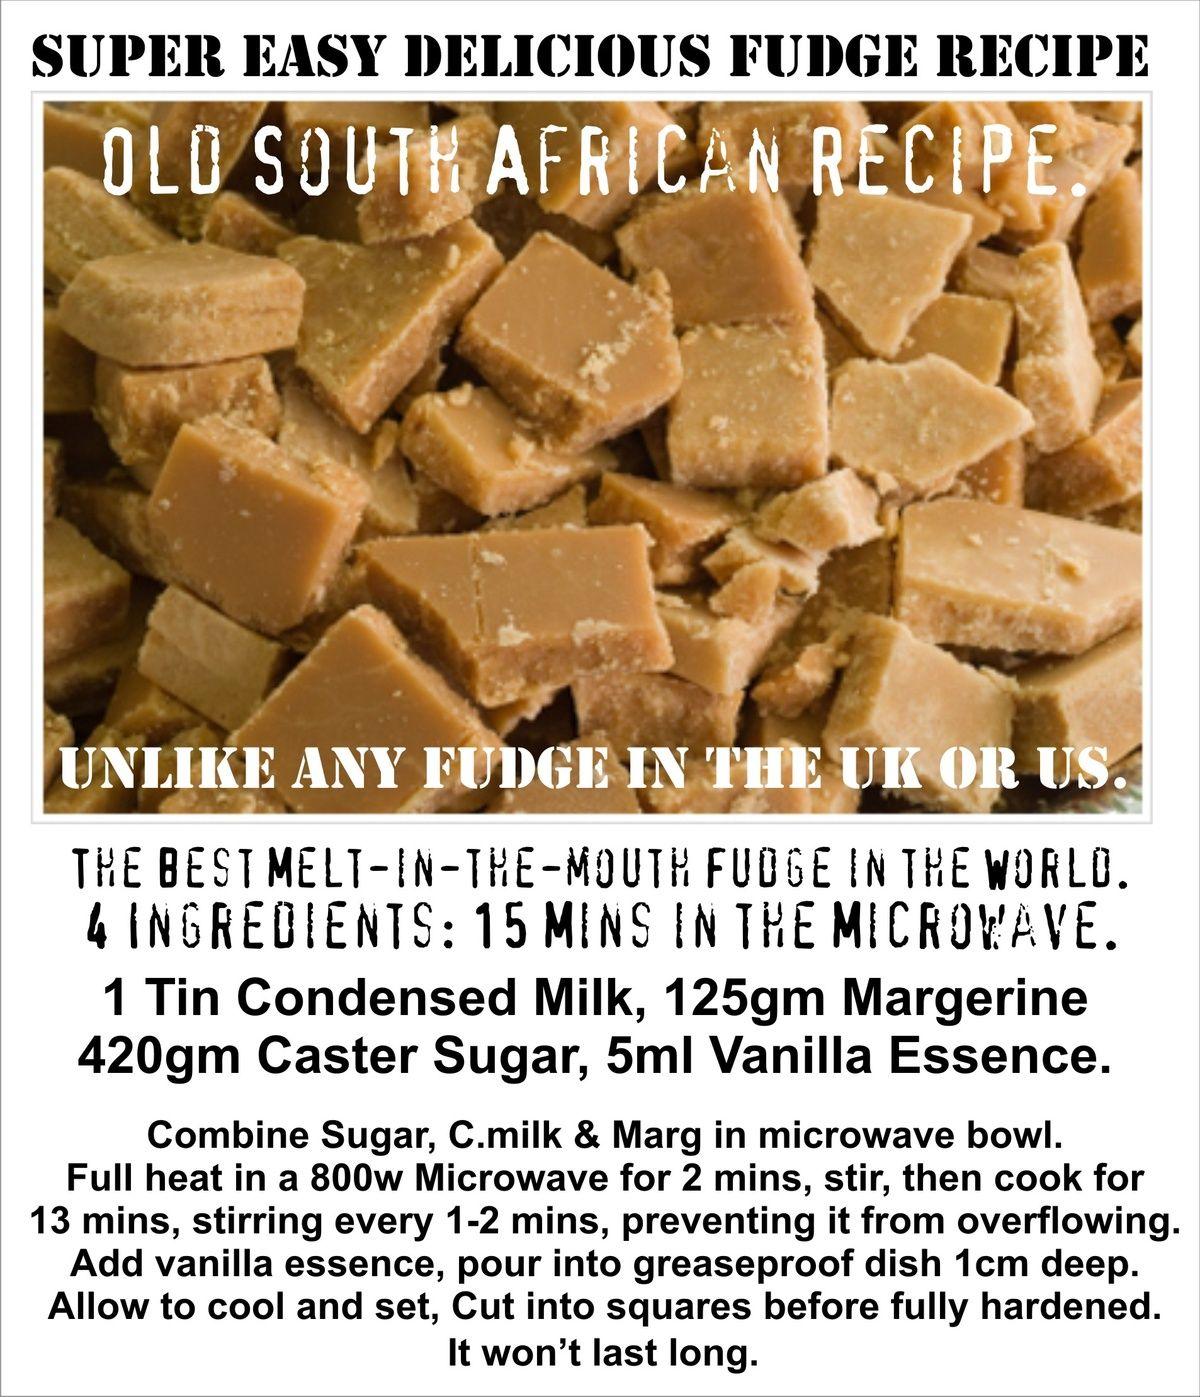 006ddaa4004fcb5ec53ee70a36e1c372 Jpg 1 200 1 397 Pixels Fudge Recipes South African Desserts South African Fudge Recipe